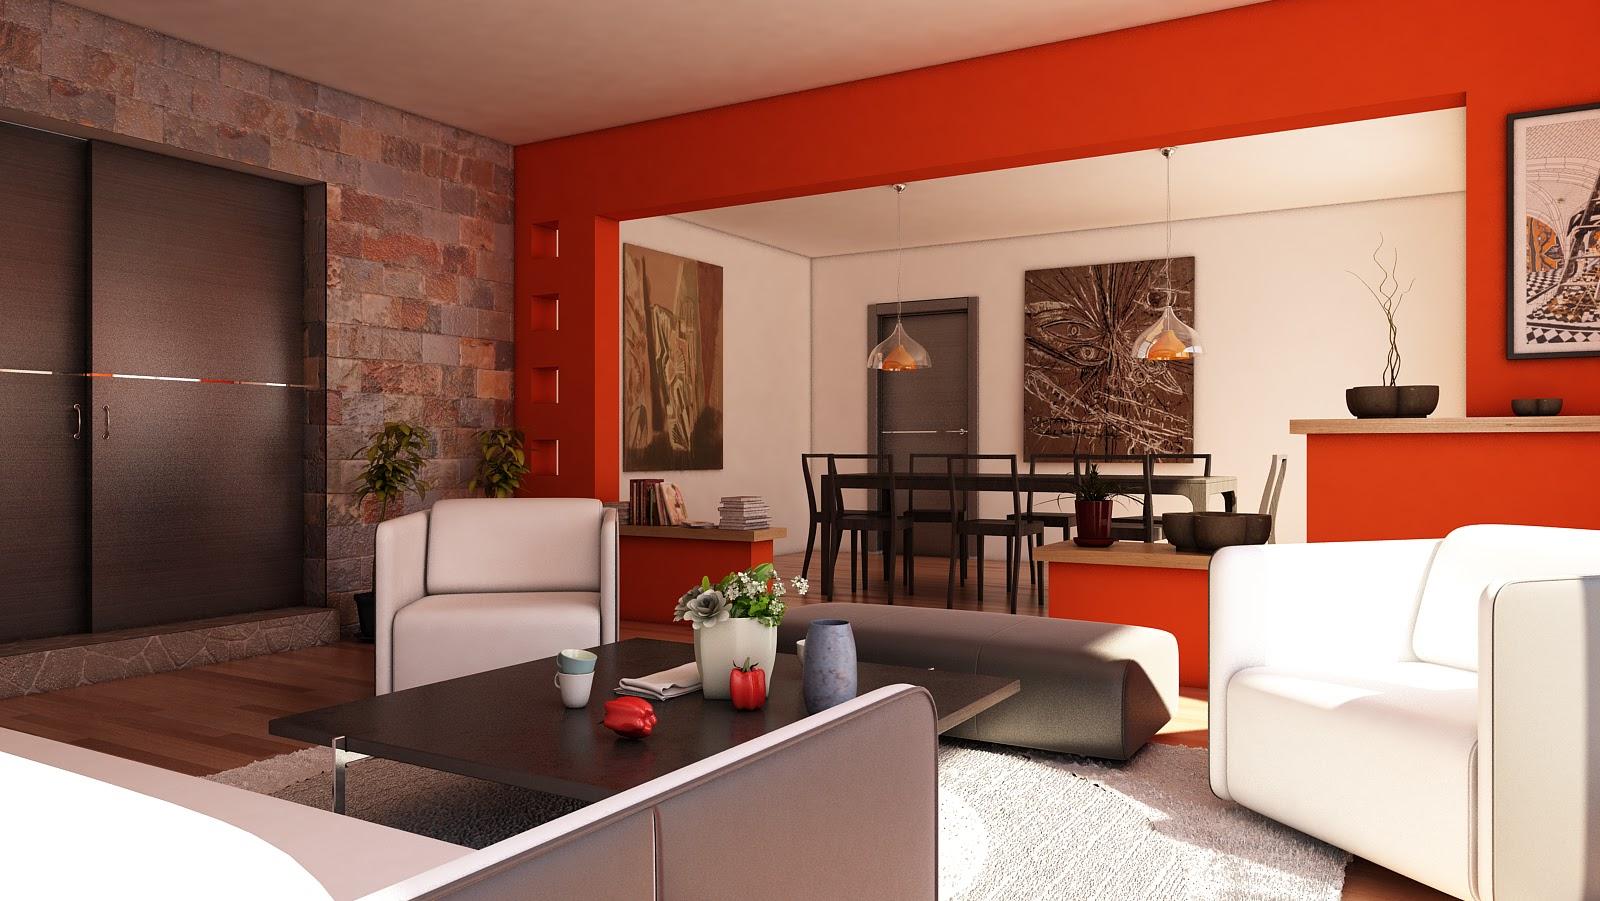 sala de estar y comedor decoracion ForSala De Estar Y Comedor